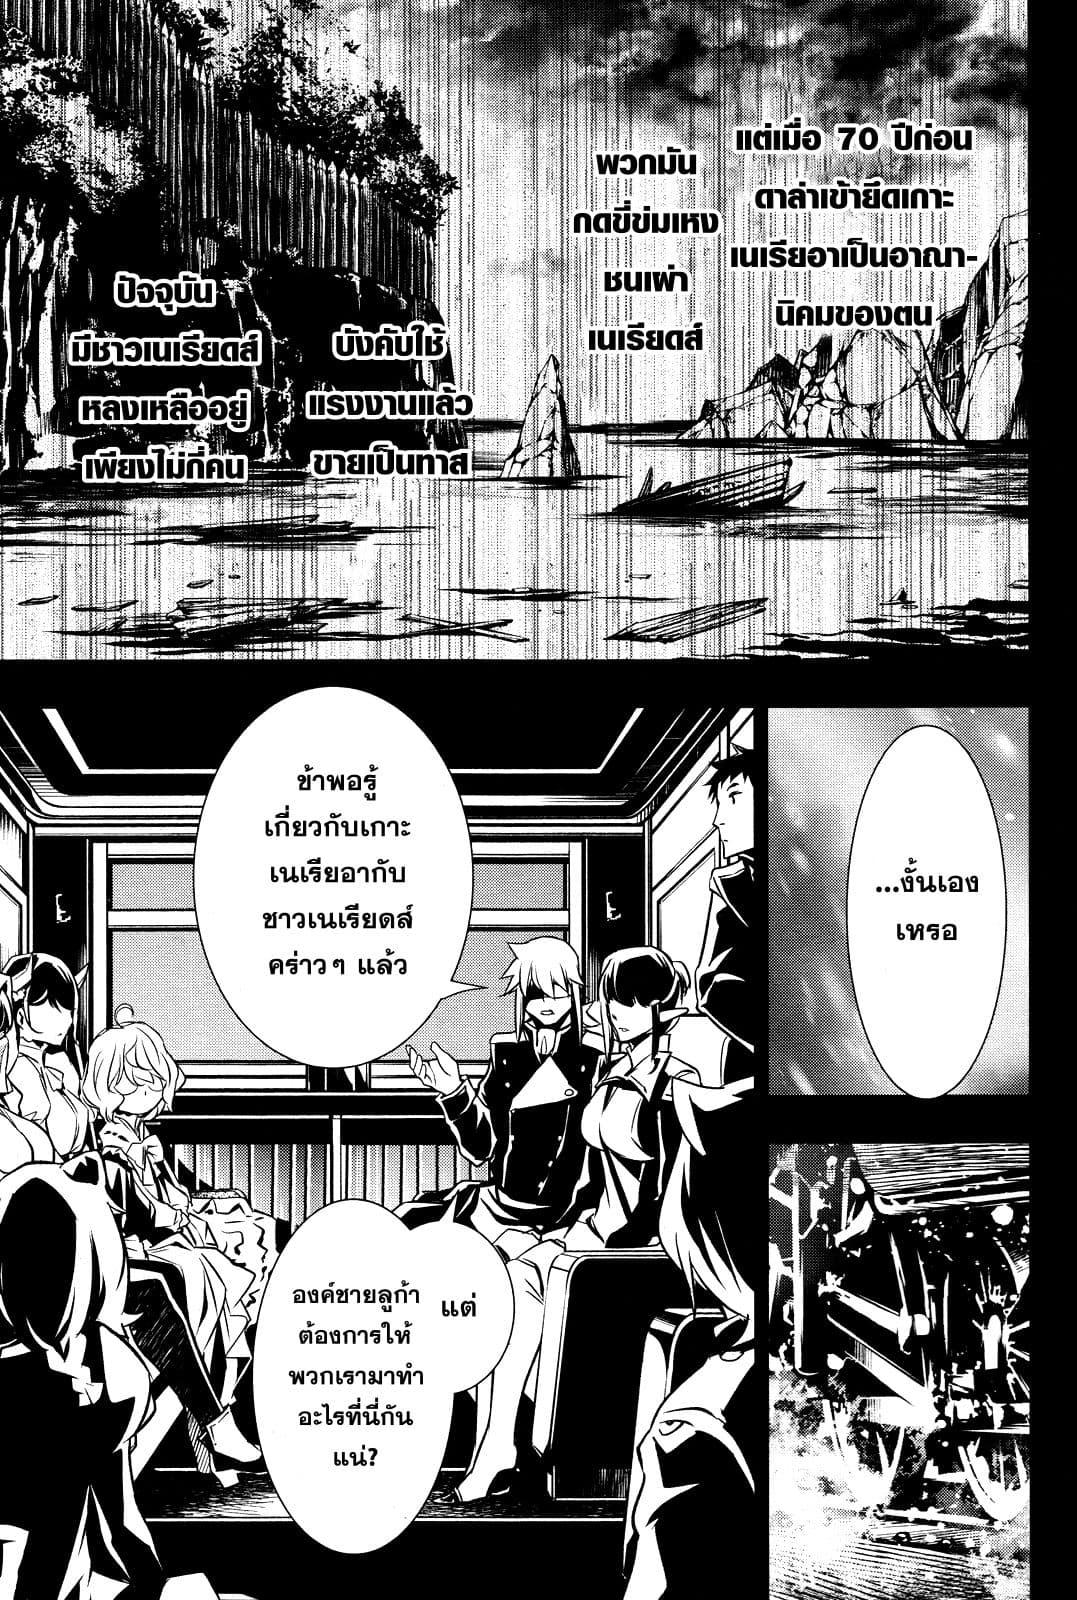 อ่านการ์ตูน Shinju no Nectar ตอนที่ 14 หน้าที่ 27